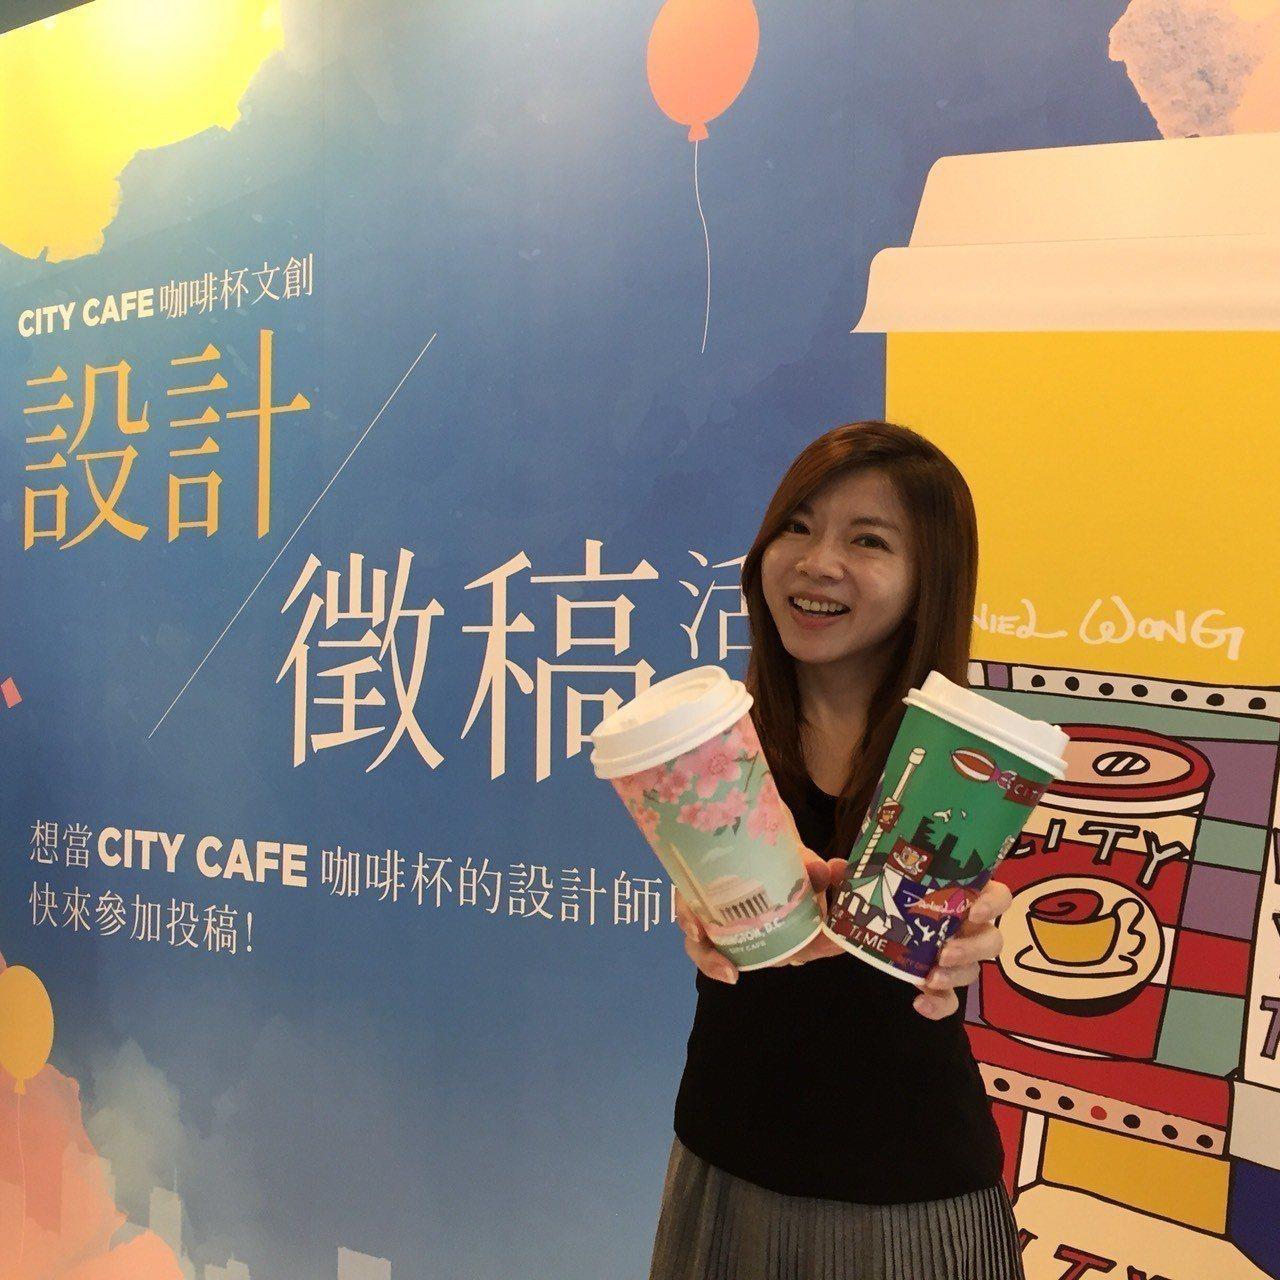 統一超商CITY CAFE曾創下一年高達3億2千萬杯的銷售紀錄,將從9月起徵稿徵...